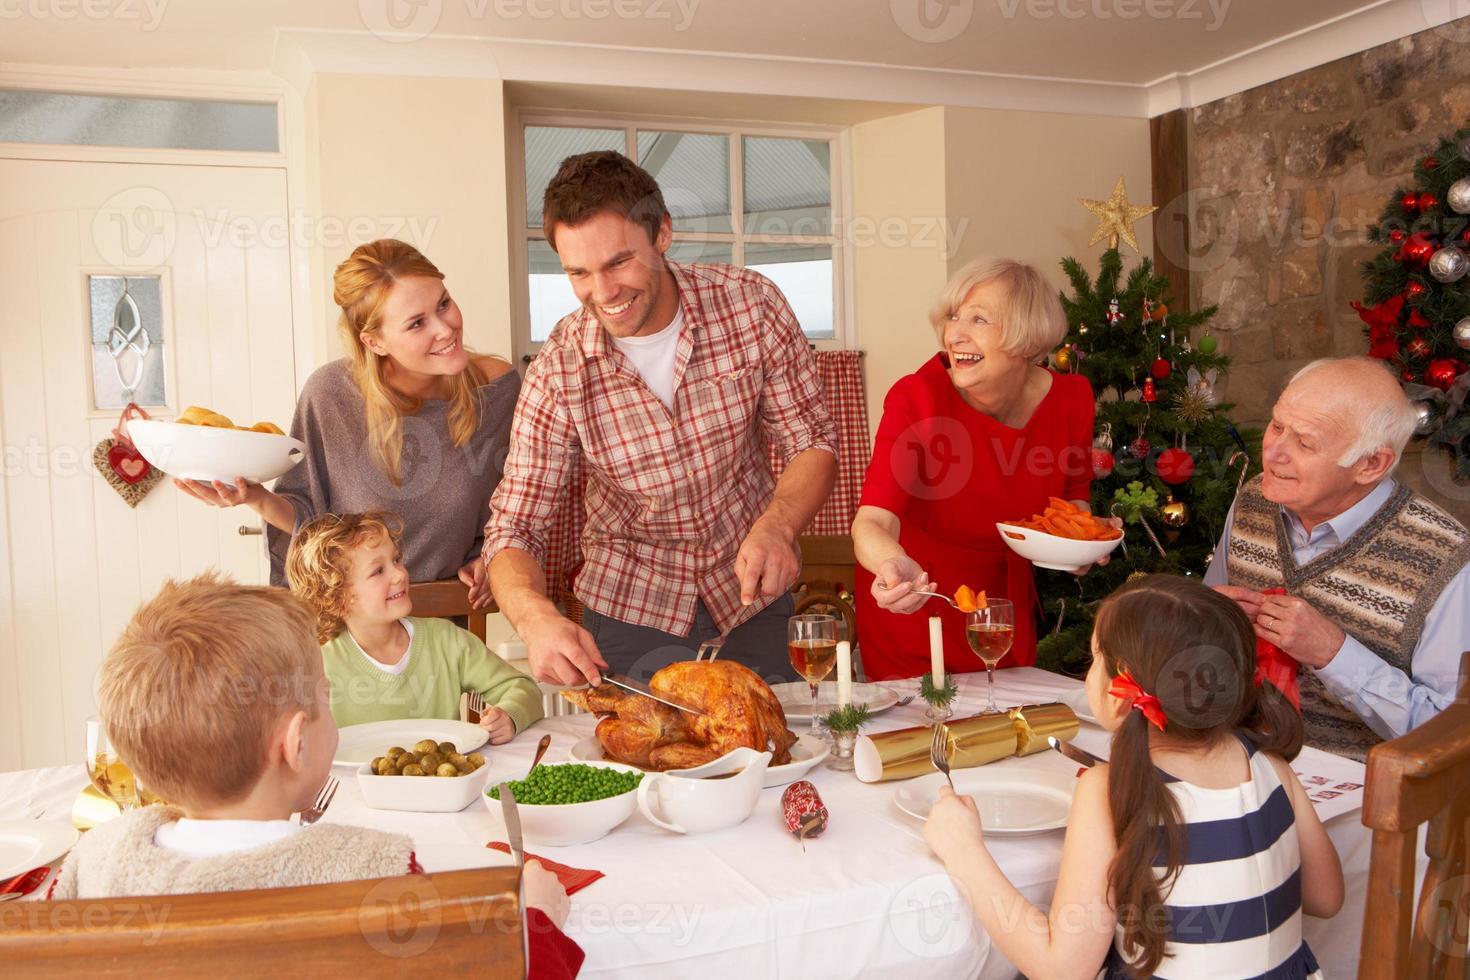 famiglia che serve la cena di Natale foto